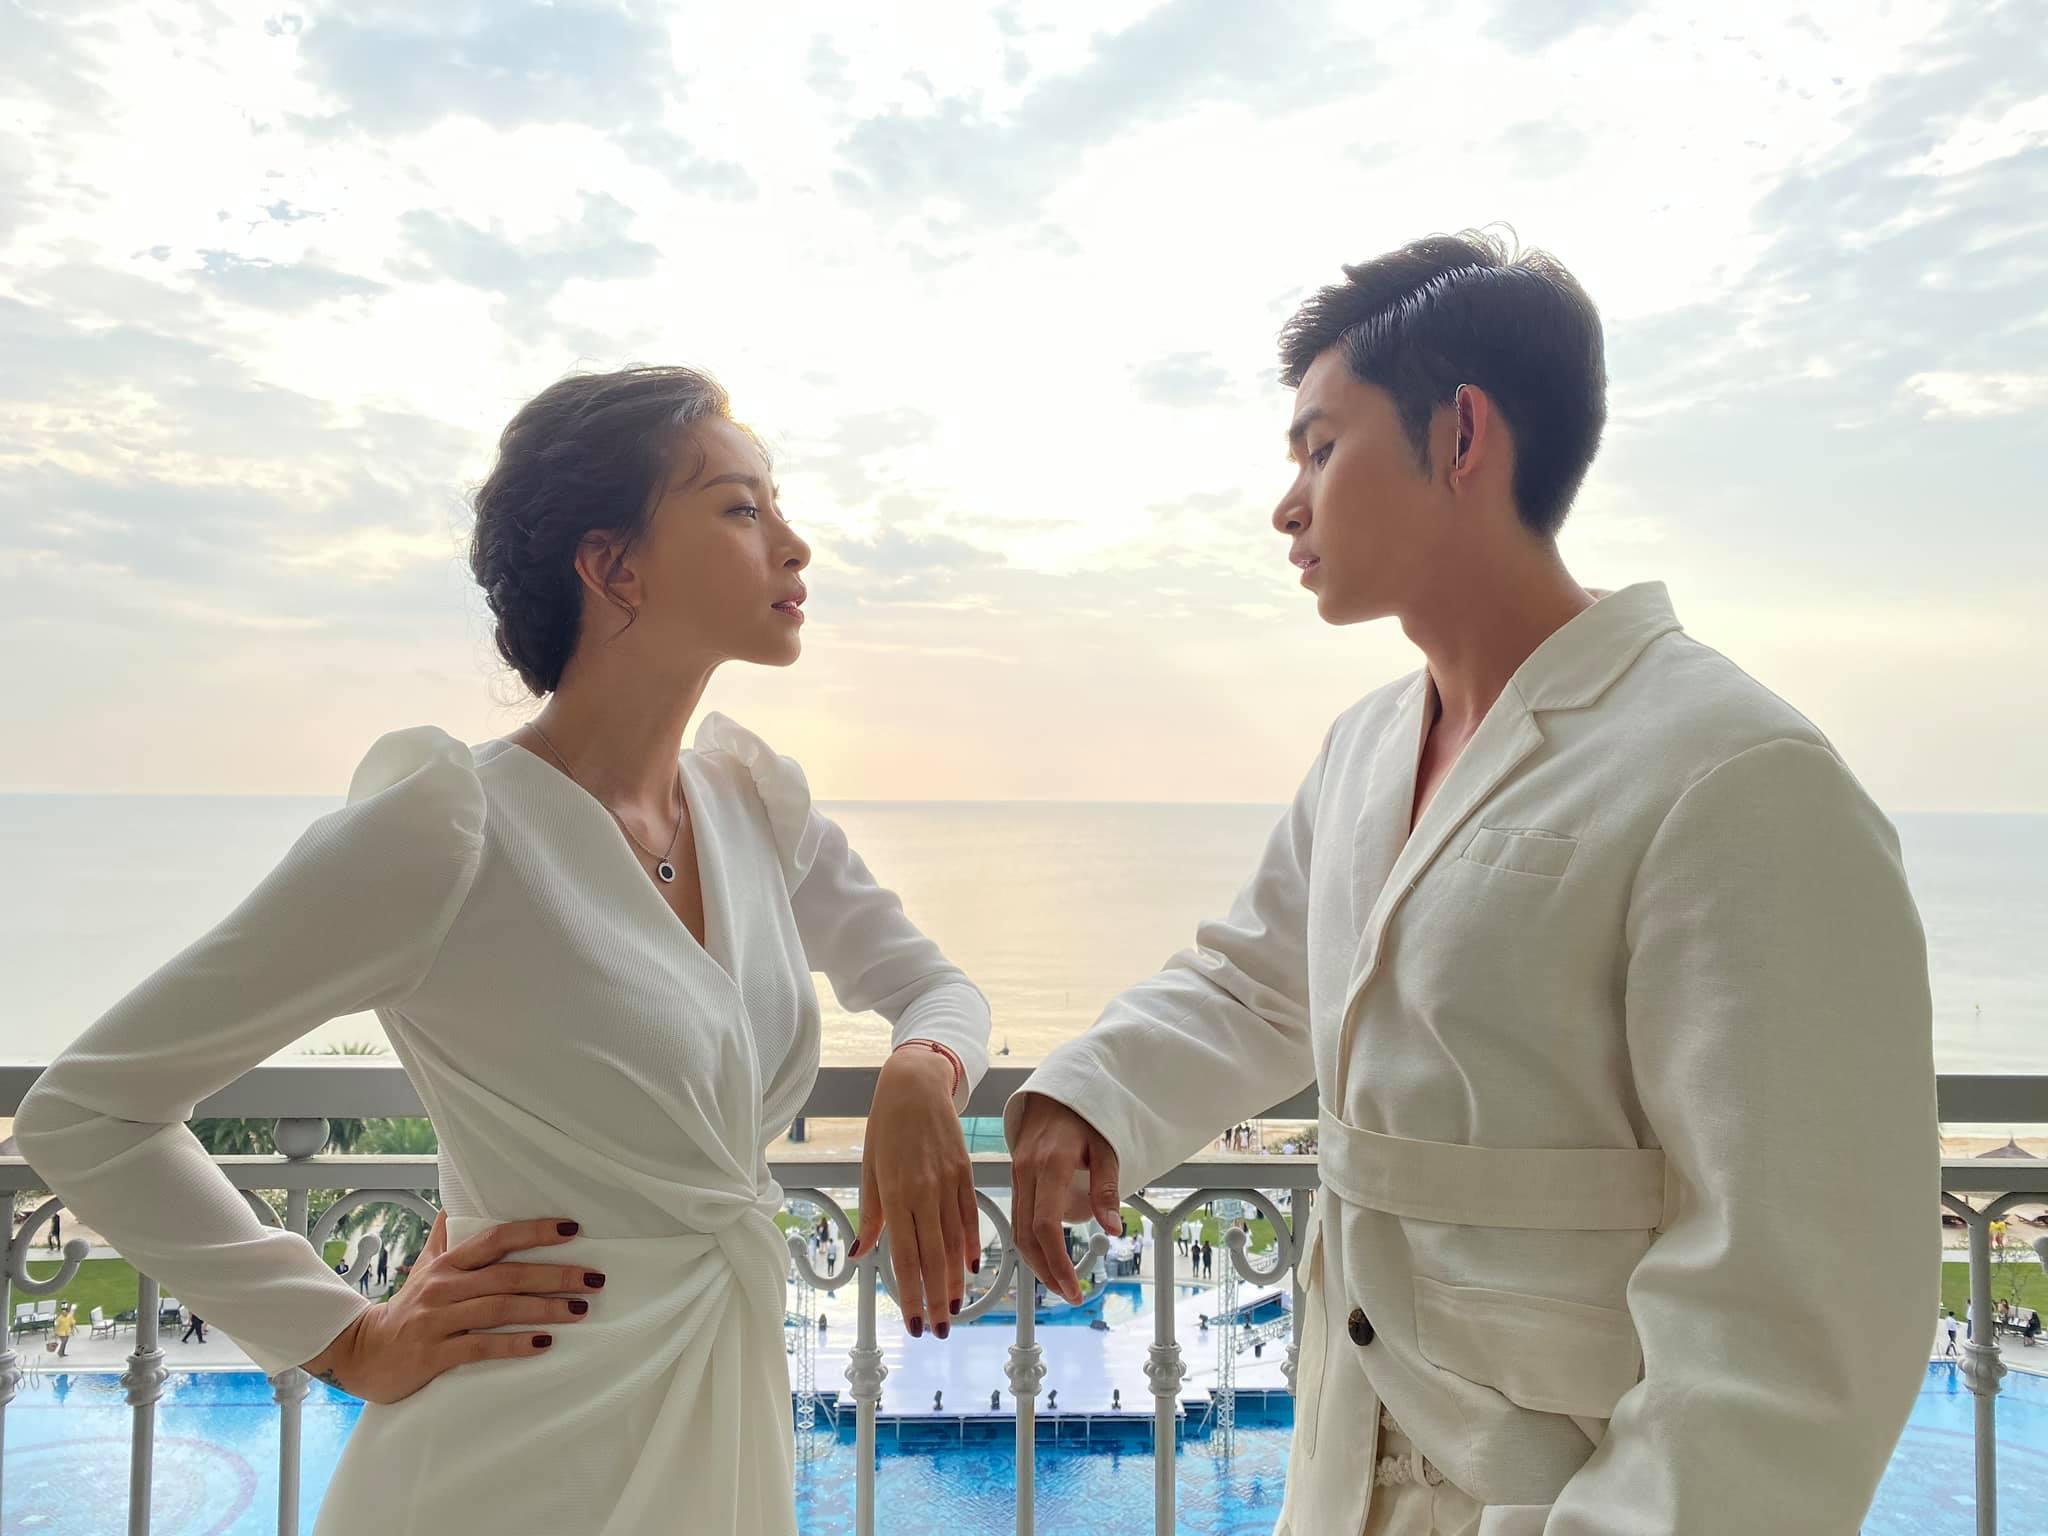 """Tiết kiệm như Ngô Thanh Vân: Chỉ một bộ đầm trắng mà """"đả nữ"""" diện từ ngày cưới em trai đến đám cưới thế kỷ của Nhi - Thắng - Ảnh 7."""